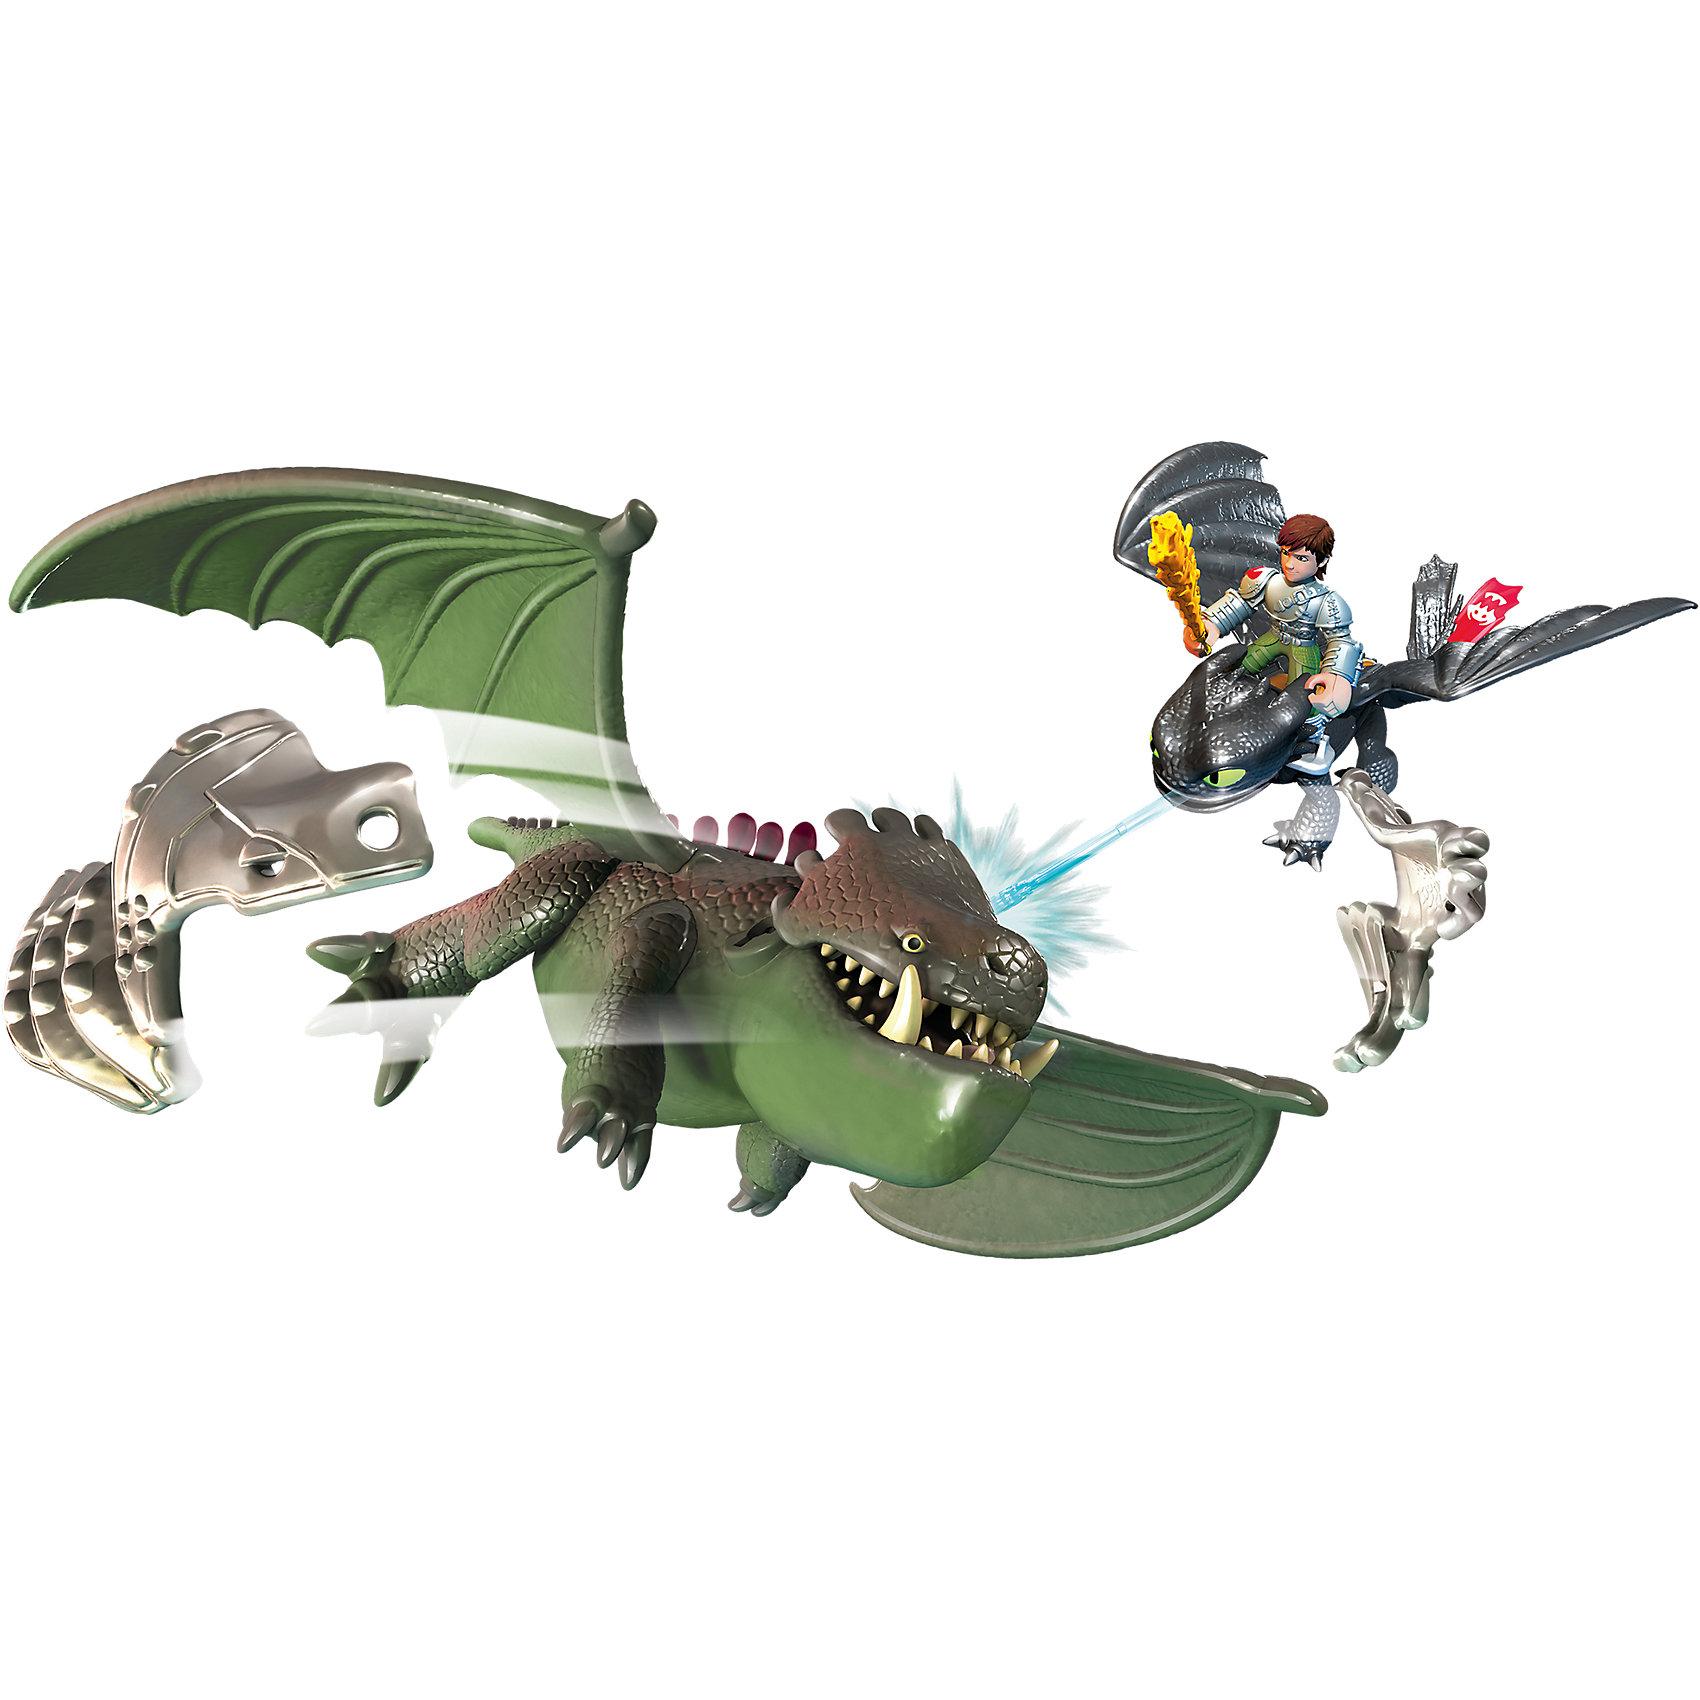 Набор Беззубик и Иккинг против дракона (Как приручить дракона 2), Spin MasterДраконы и динозавры<br>В мультфильме «Как приручить дракона 2» Иккинг и Беззубик оказываются в самом центре боя за сохранение мира! С набором Беззубик и Иккинг против дракона (Как приручить дракона 2), Spin Master можно устраивать головокружительные баталии. Герои должны сразиться с сильным драконом, закованным в броню. Это не просто, помоги своим любимцам одержать верх! Элементы брони дракона снимаются. Фигурку Иккинга можно посадить на спину Беззубику и устраивать воздушные бои. В руке у викинга Огненный меч, который Иккинг сделал сам, он поможет ему одолеть дракона. Беззубик стреляет ледяным зарядом!<br><br>Дополнительная информация:<br><br>- Прекрасный набор для активной ролевой игры;<br>- Безопасные материалы;<br>- Множество возможностей для игр;<br>- Набор сделан по мотивам любимого мультфильма Как приручить дракона 2;<br>- Материал: пластик.<br><br>Набор Беззубик и Иккинг против дракона (Как приручить дракона 2), Spin Master можно купить в нашем интернет-магазине.<br><br>Ширина мм: 388<br>Глубина мм: 218<br>Высота мм: 124<br>Вес г: 388<br>Возраст от месяцев: 36<br>Возраст до месяцев: 96<br>Пол: Мужской<br>Возраст: Детский<br>SKU: 3894435